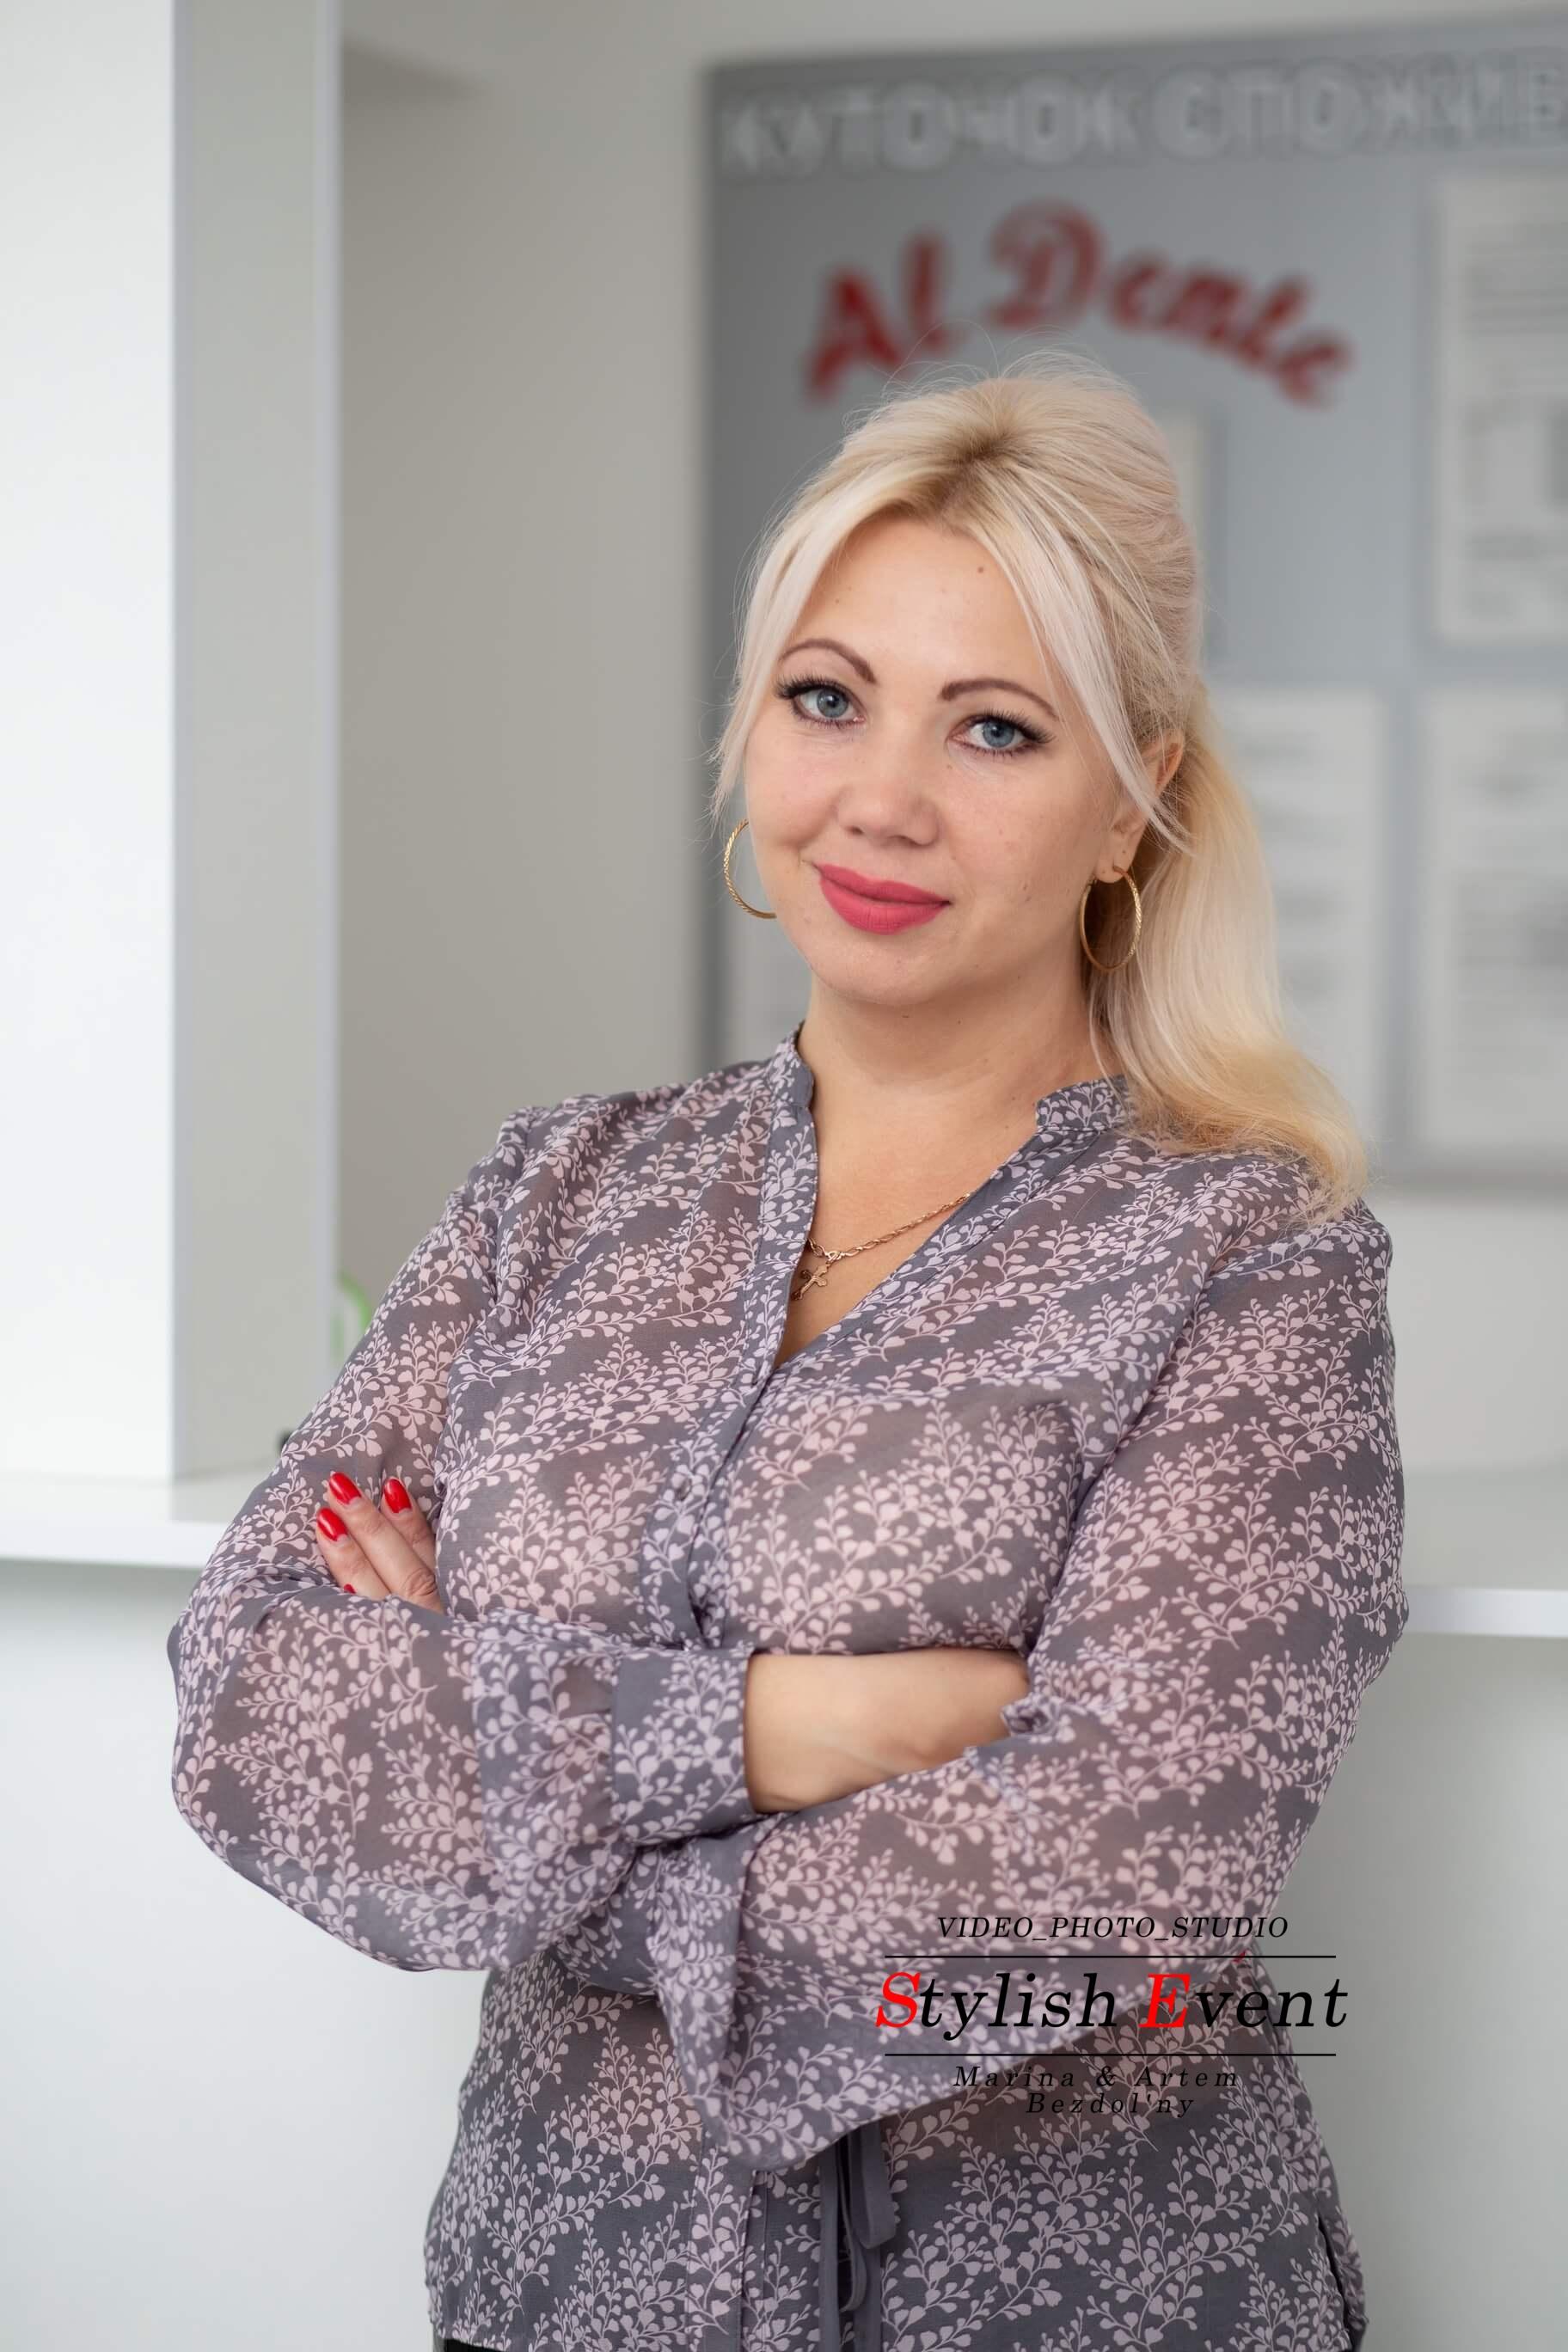 Portretnaja fotosessija, fotograf delovyh i biznes portretov, portretnaja fotosessija, fotograf portretist, Korporativnaja fotos#emka, Korporativnaja fotografija , delovoj portret zakazat' Kiev